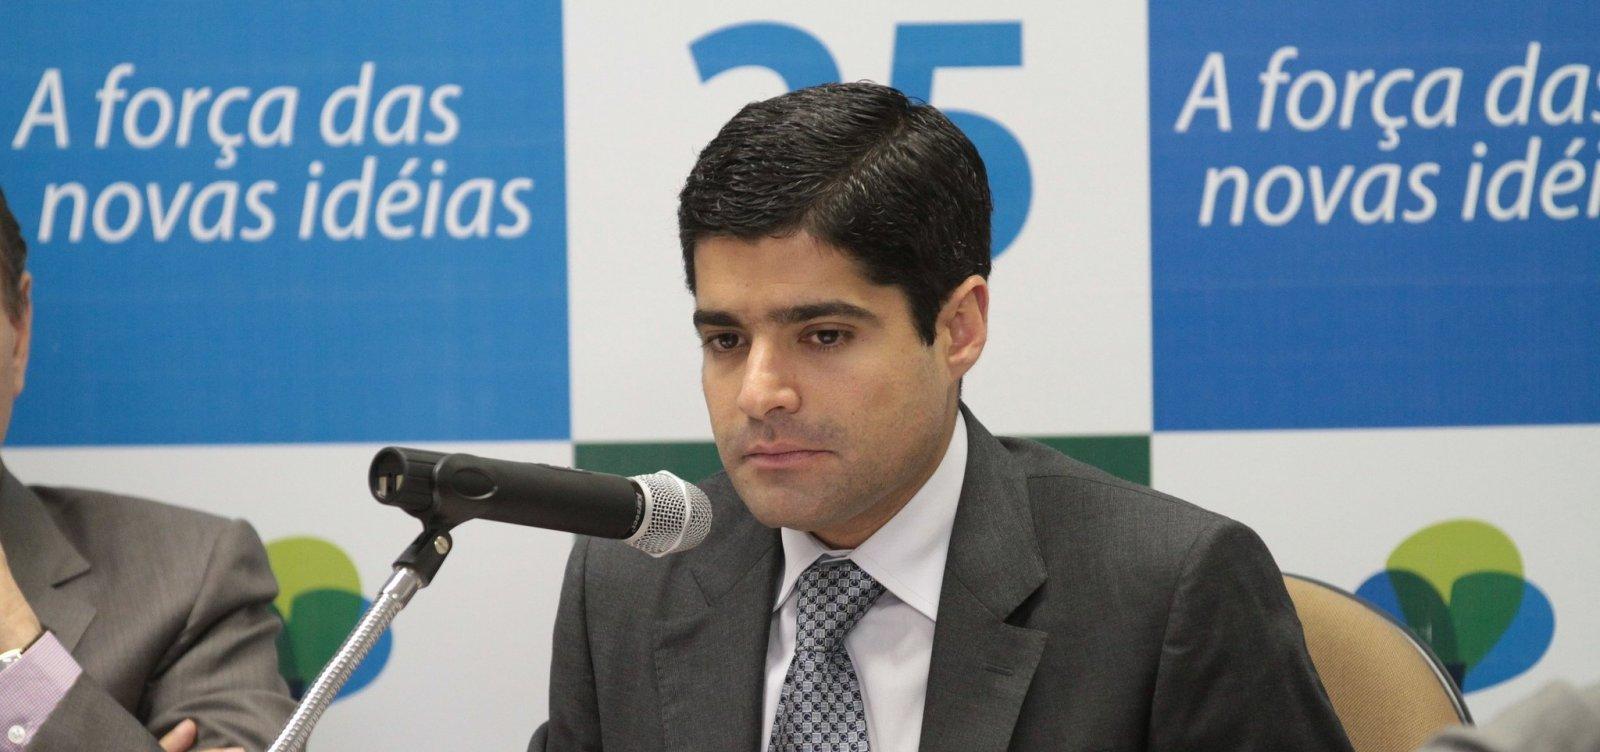 [Declaração do filho de Bolsonaro sobre fechar STF é 'infeliz, inaceitável e descabida', diz ACM Neto]